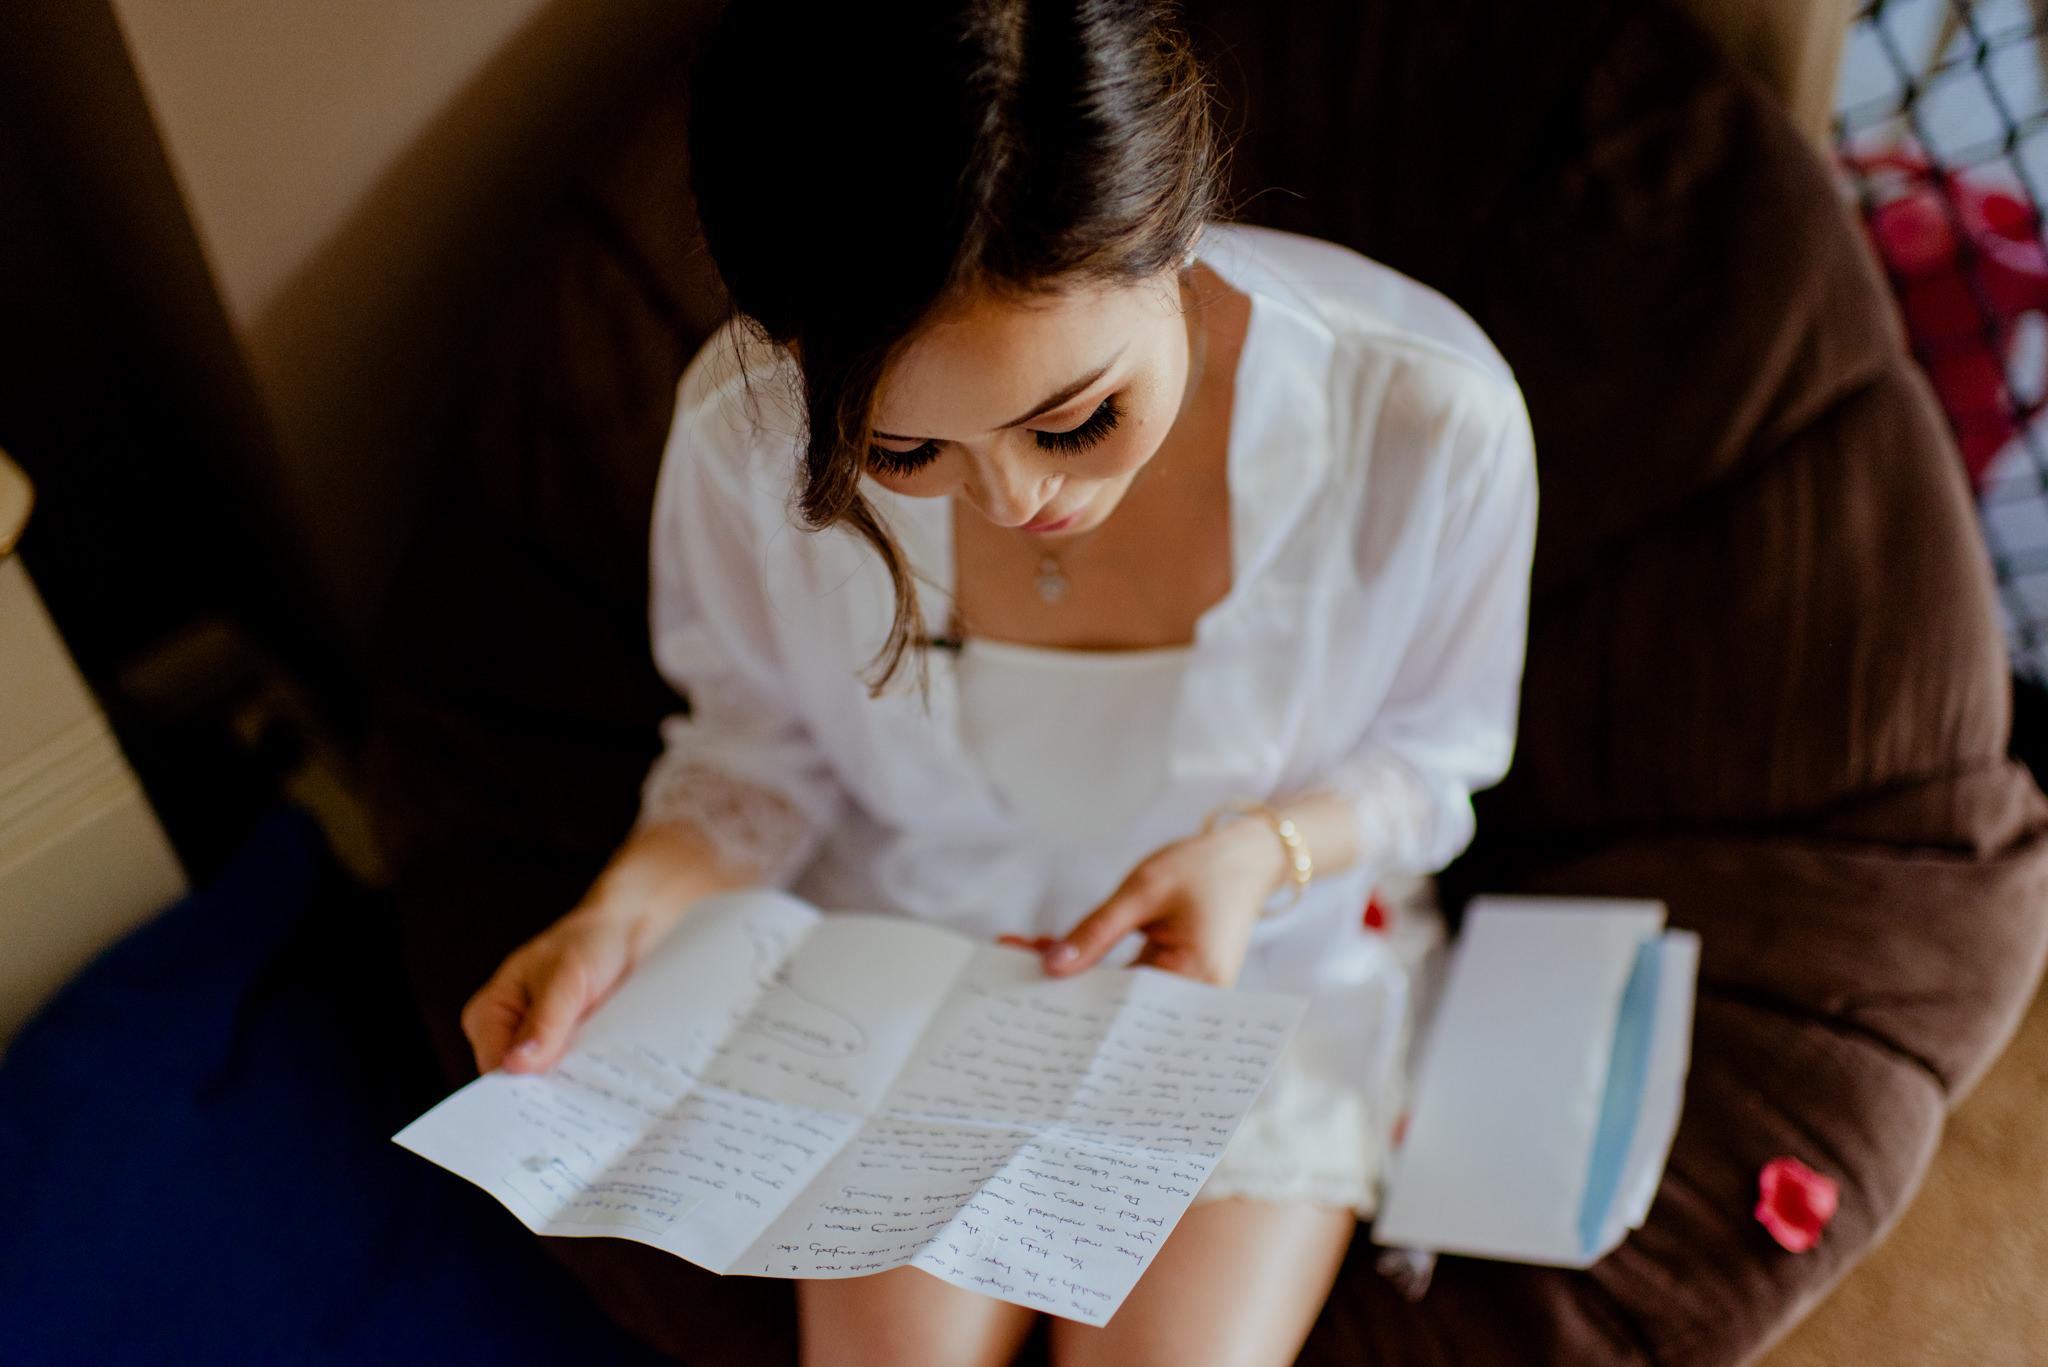 An asian woman reads a hand-written note on a chair